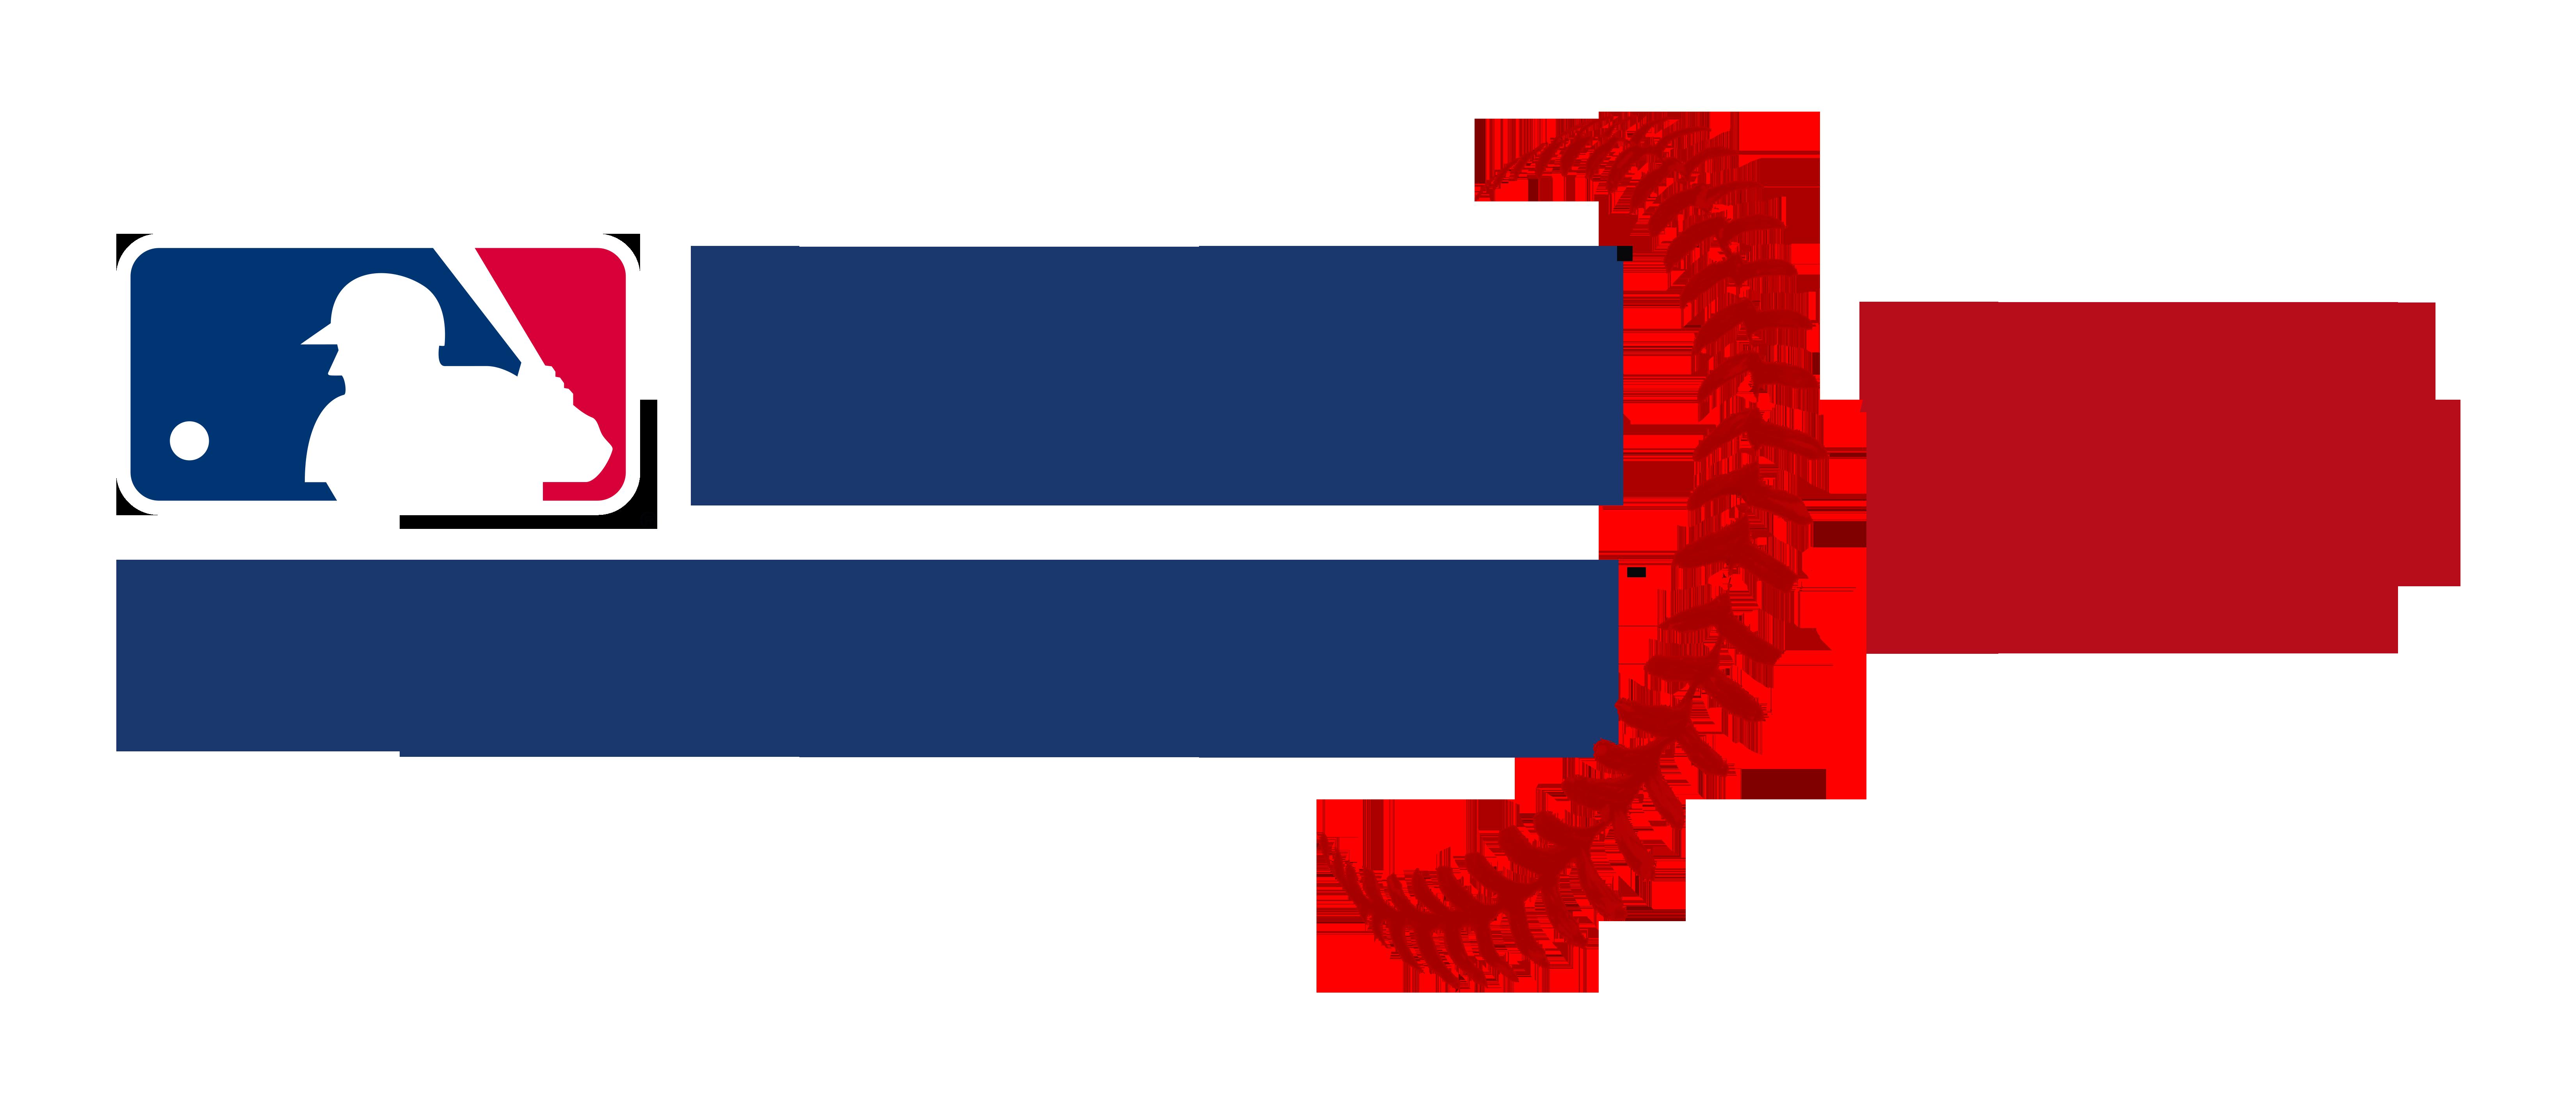 Логотип - MLB 14: The Show Арт